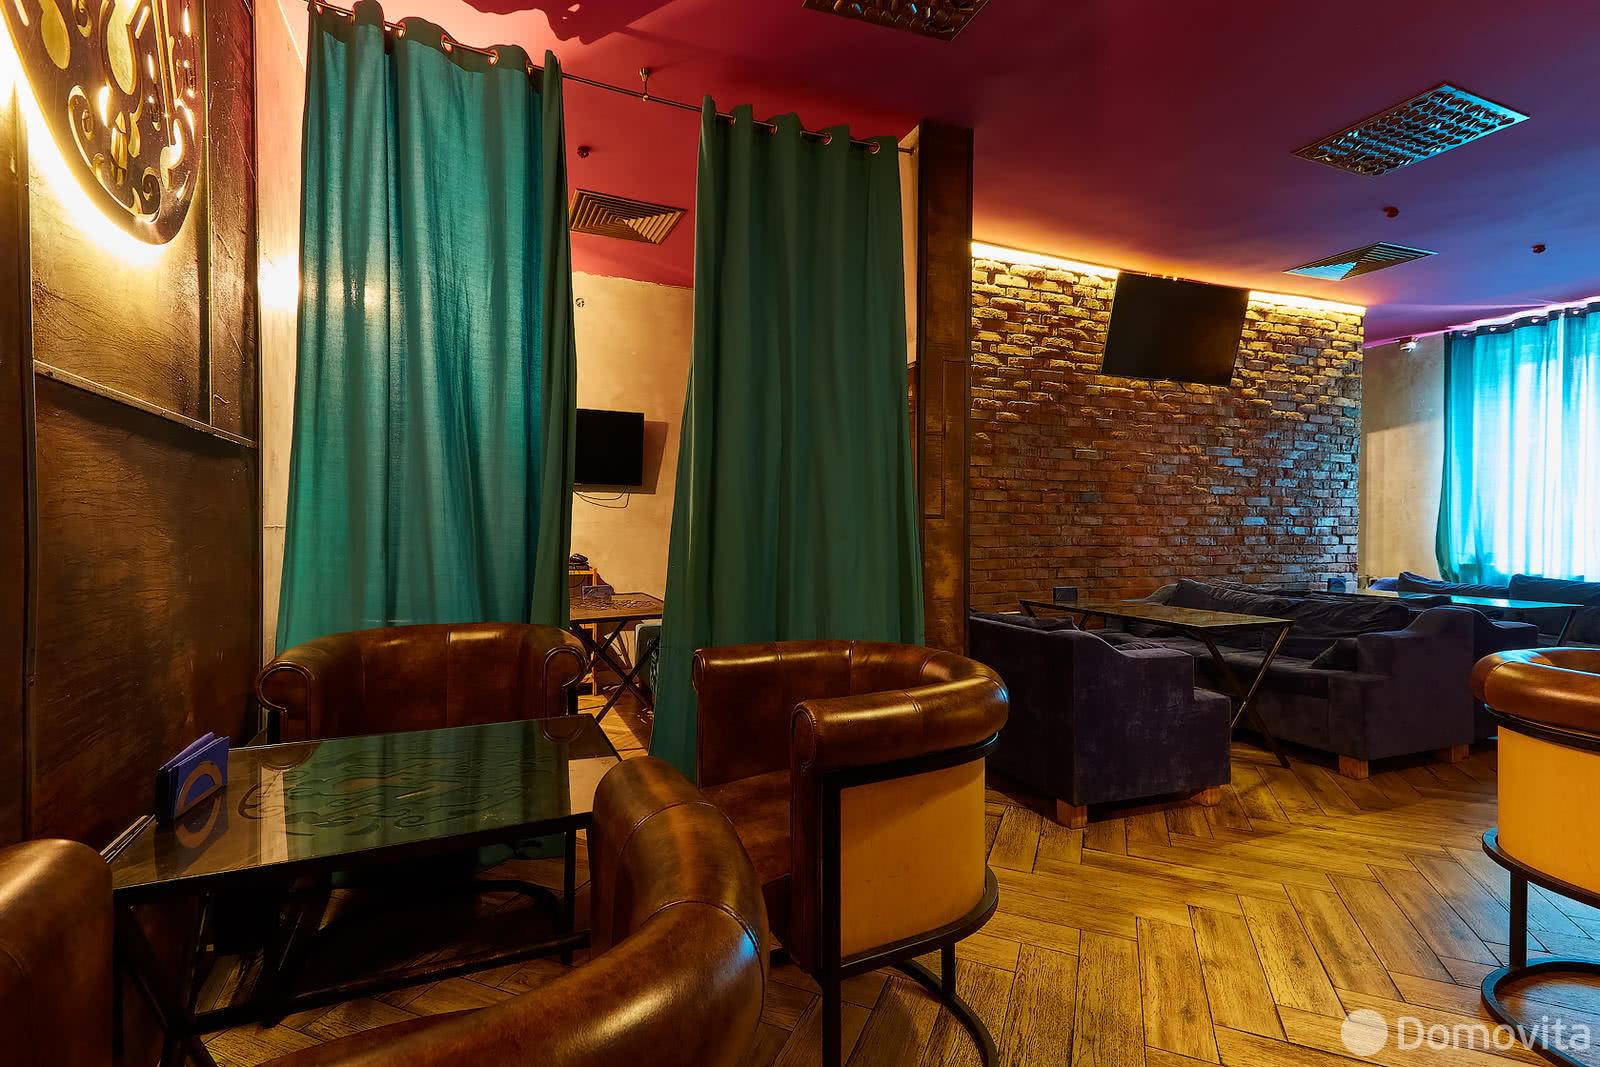 Купить помещение под сферу услуг в Минске, ул. Могилевская, д. 12 - фото 4